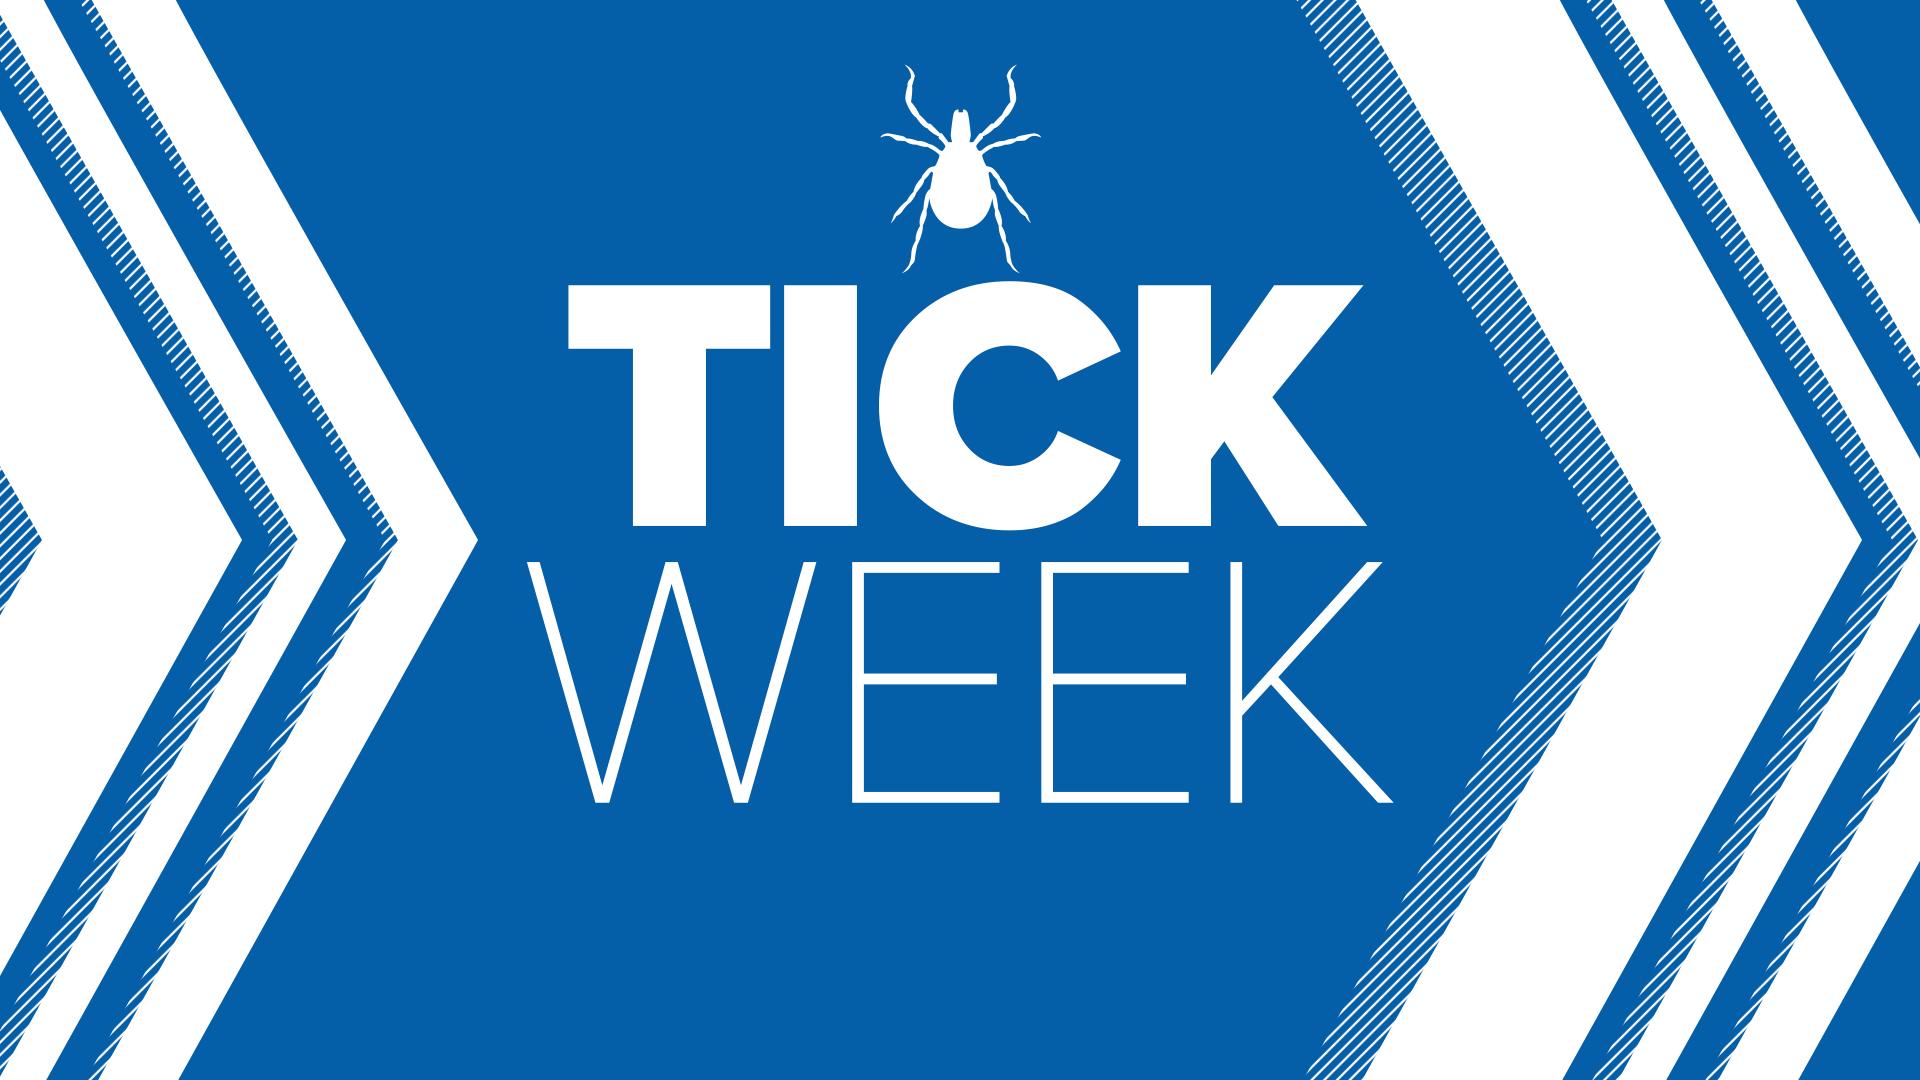 Tick Week